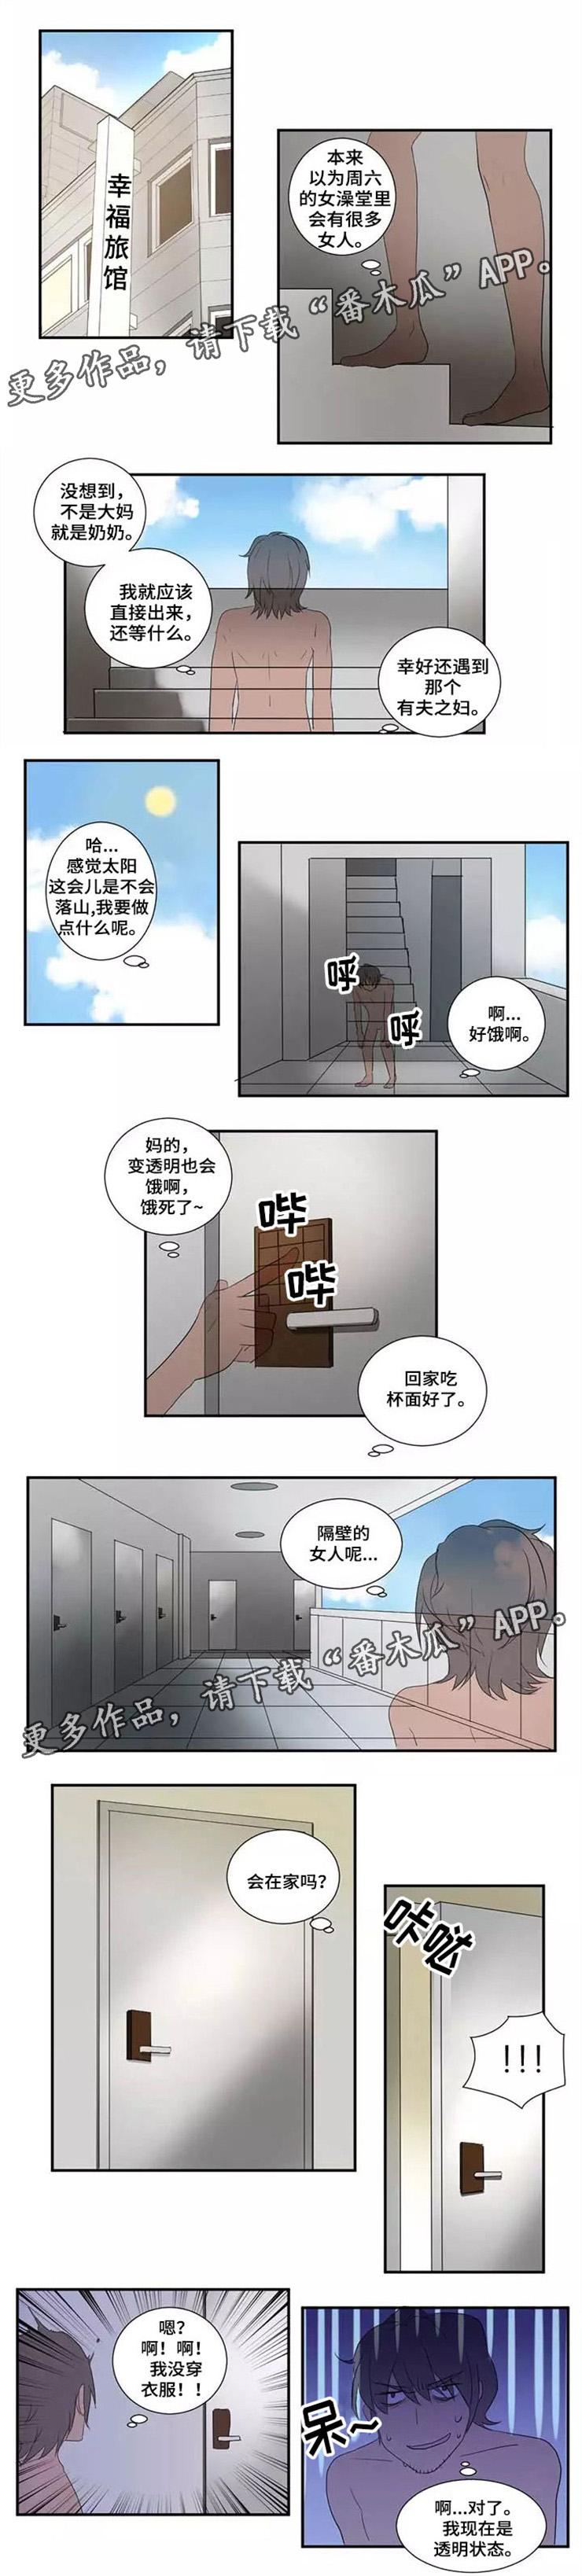 恋爱韩漫: 《隐形人性》 第19-21话-天狐阅读